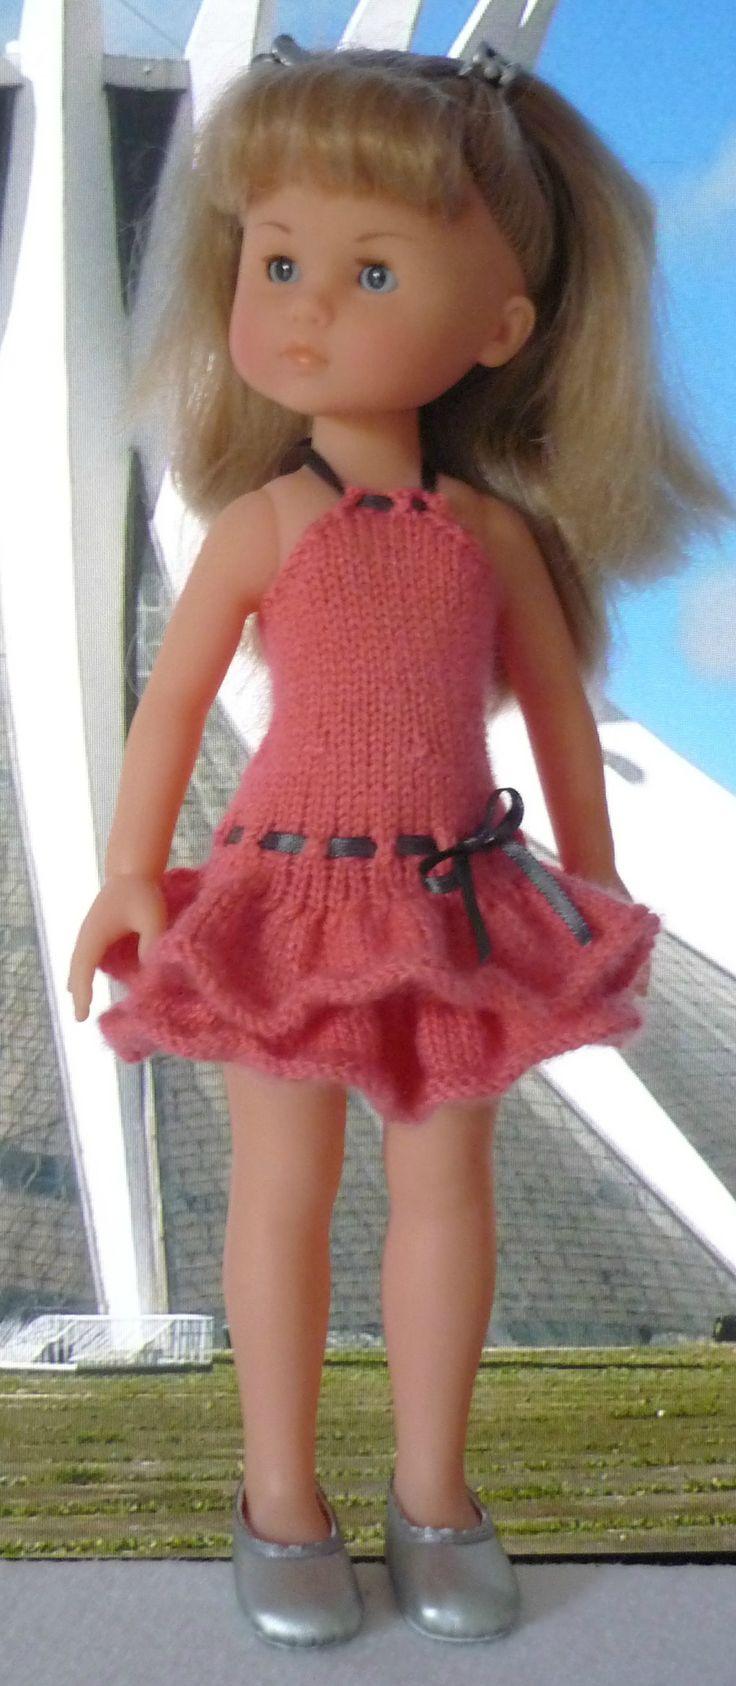 Robe à volants pour poupée Chérie: 1) http://marieetlaines.canalblog.com/archives/2014/05/05/28512291.html 2) http://p2.storage.canalblog.com/21/55/1066432/91973257.pdf